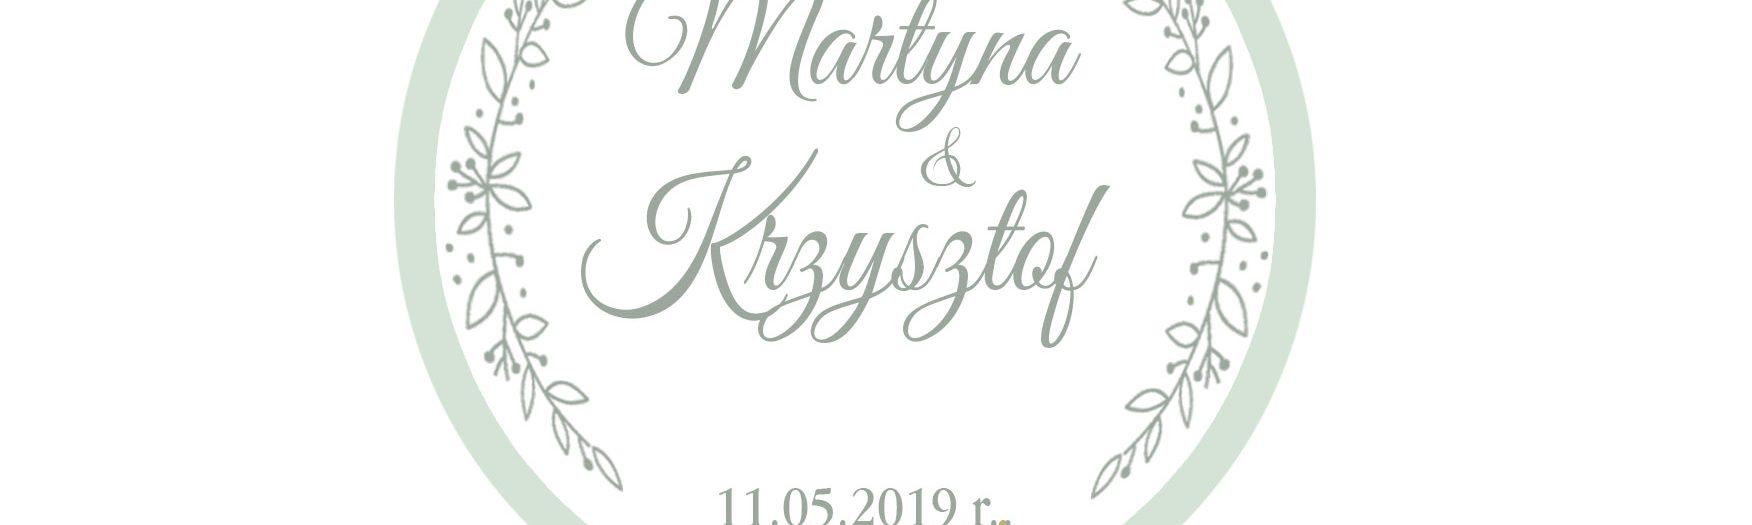 Martyna&Krzysztof 2019 czerwiec